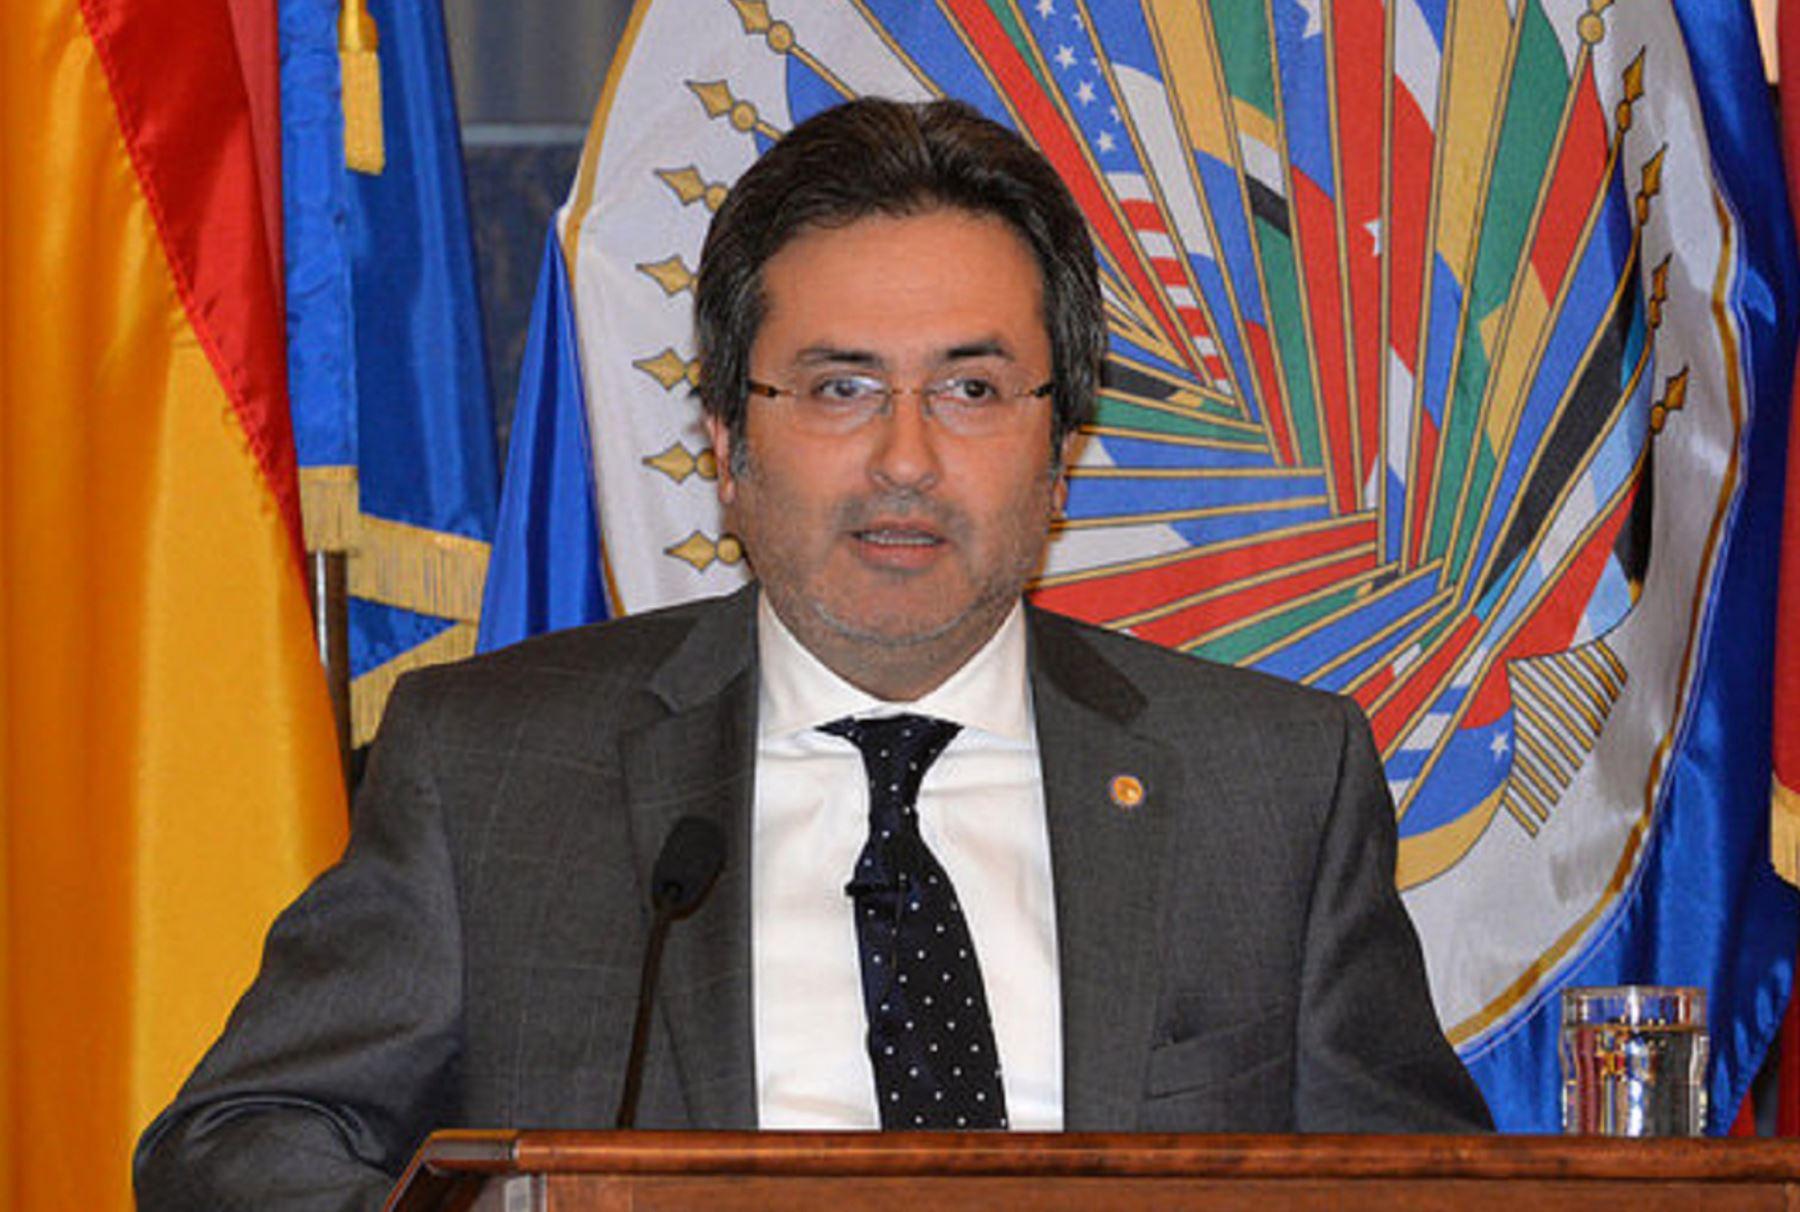 Embajador Juan Jiménez participa en reunión de la Organización de Estados Amercianos (OEA) sobre avances en pago de reparaciones